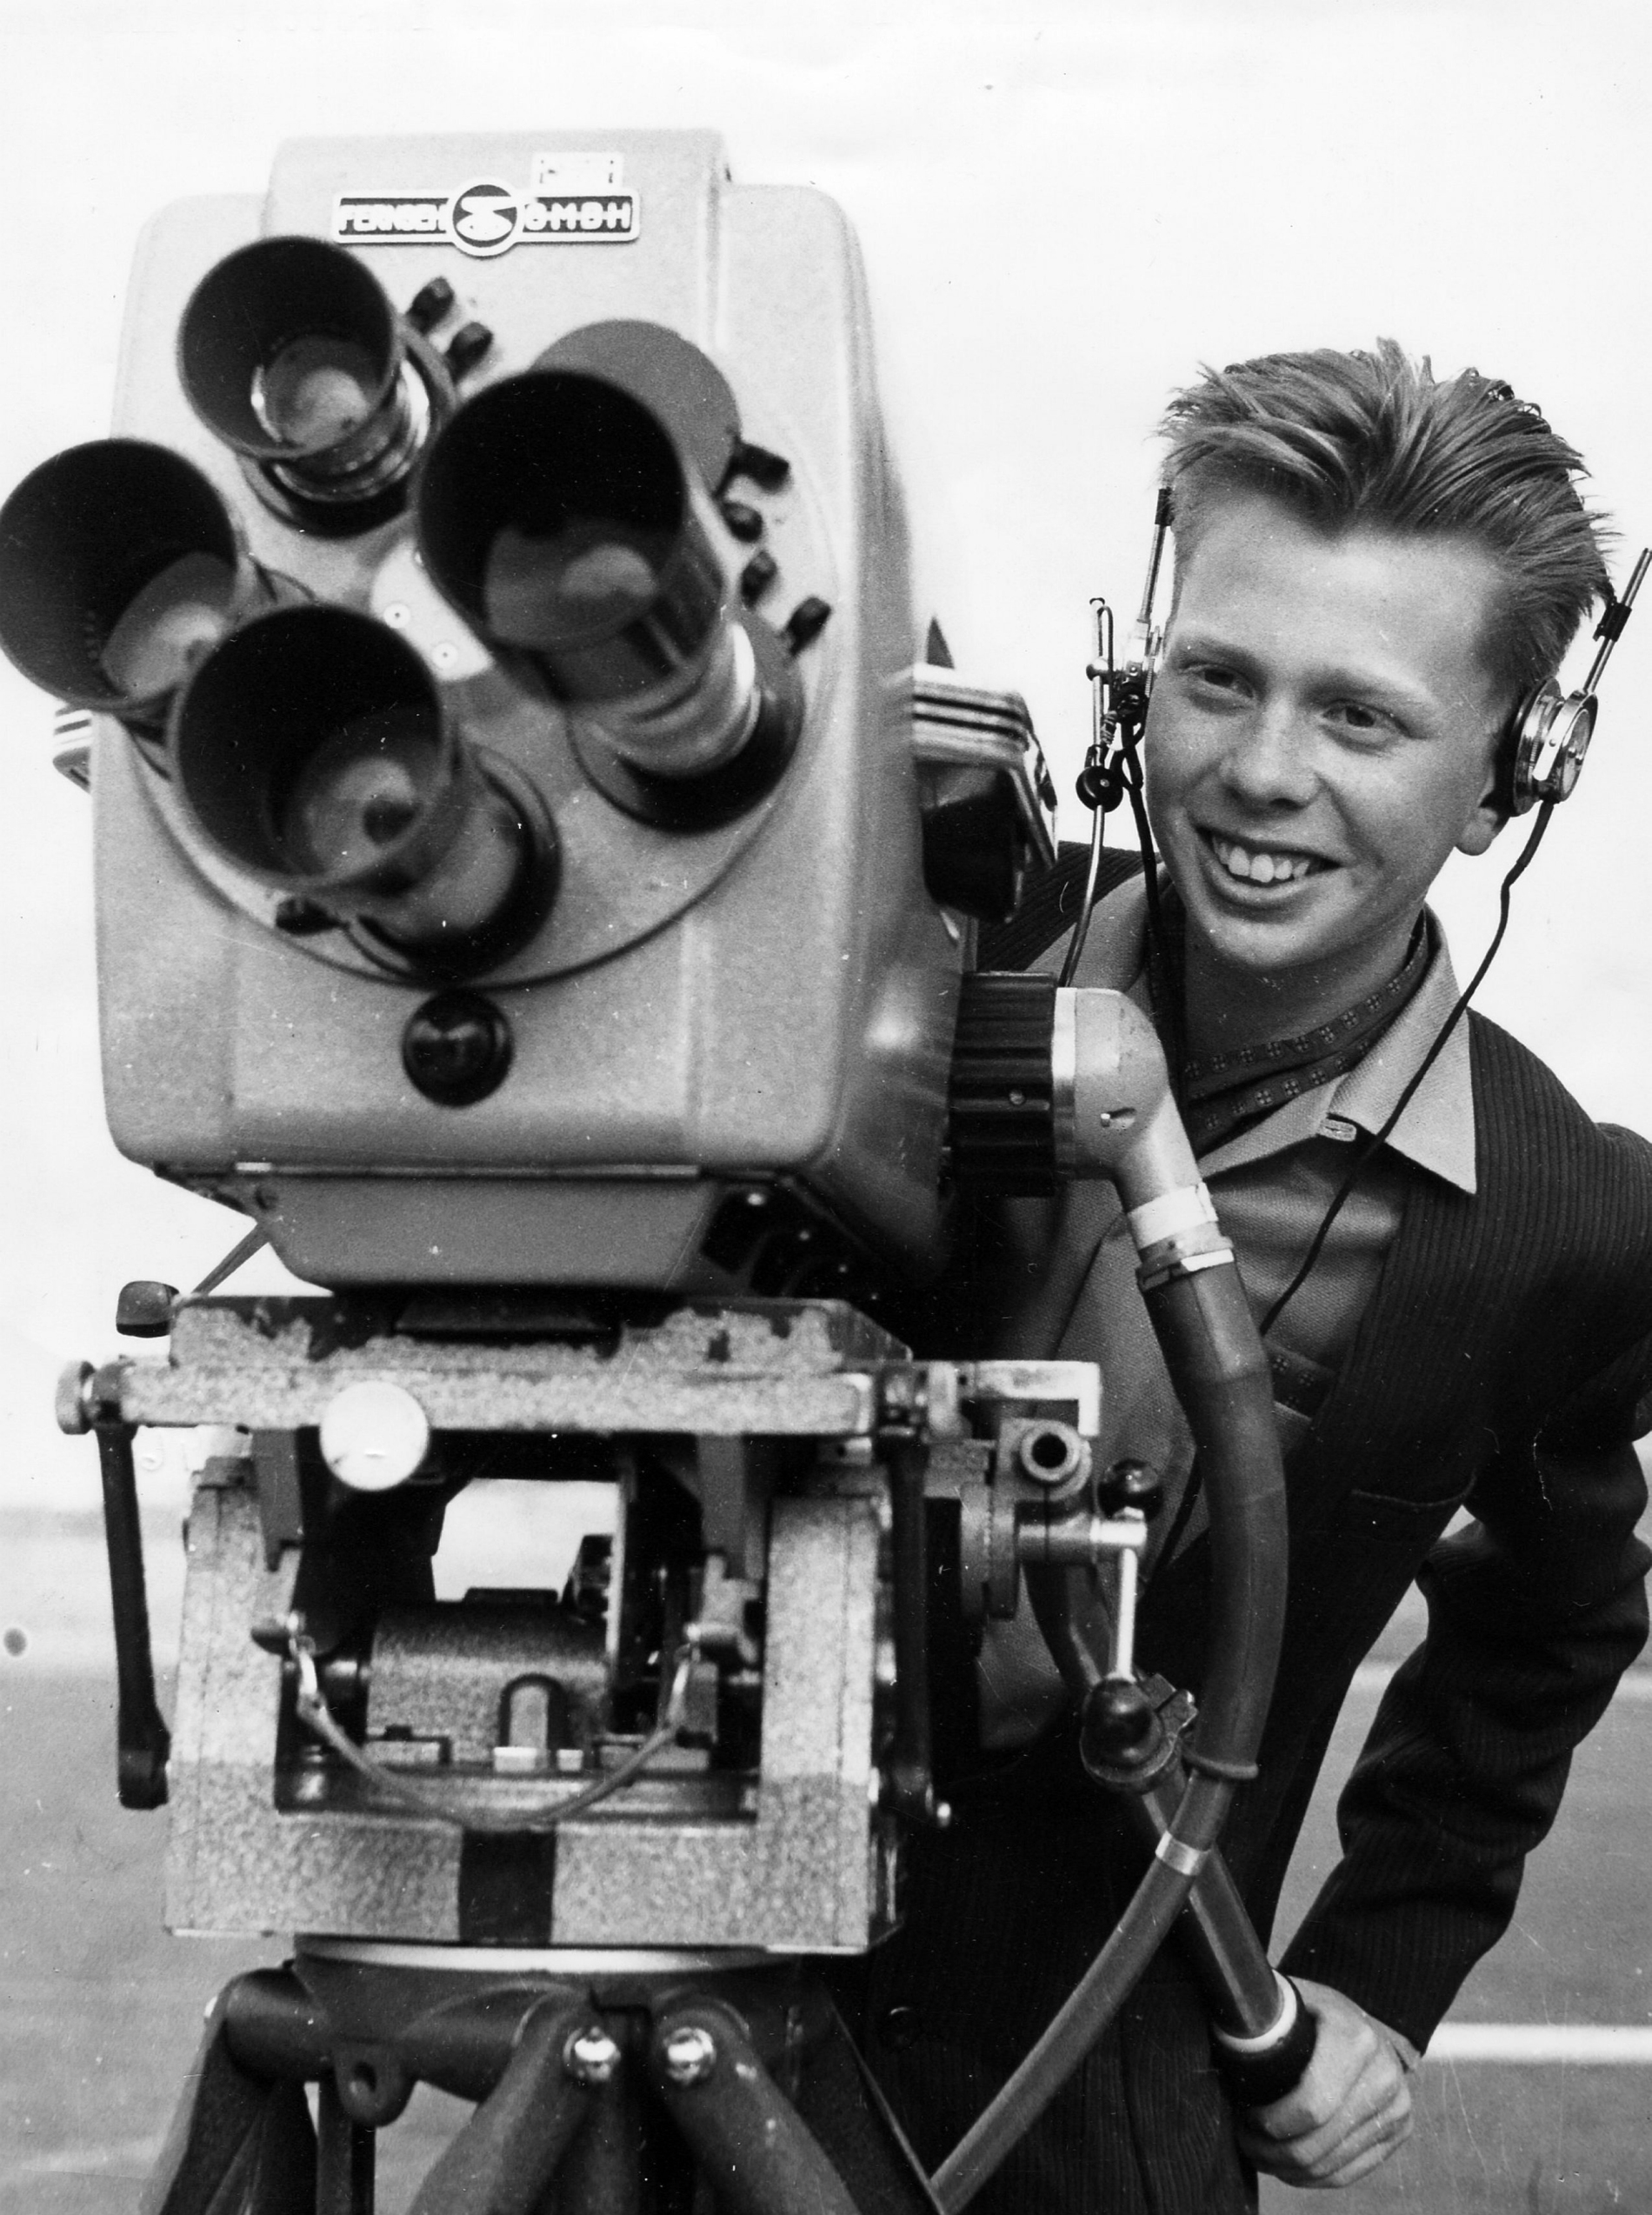 13 år gammal och redan bakom kameran    Foto: Sydsvenskans Bildarkiv